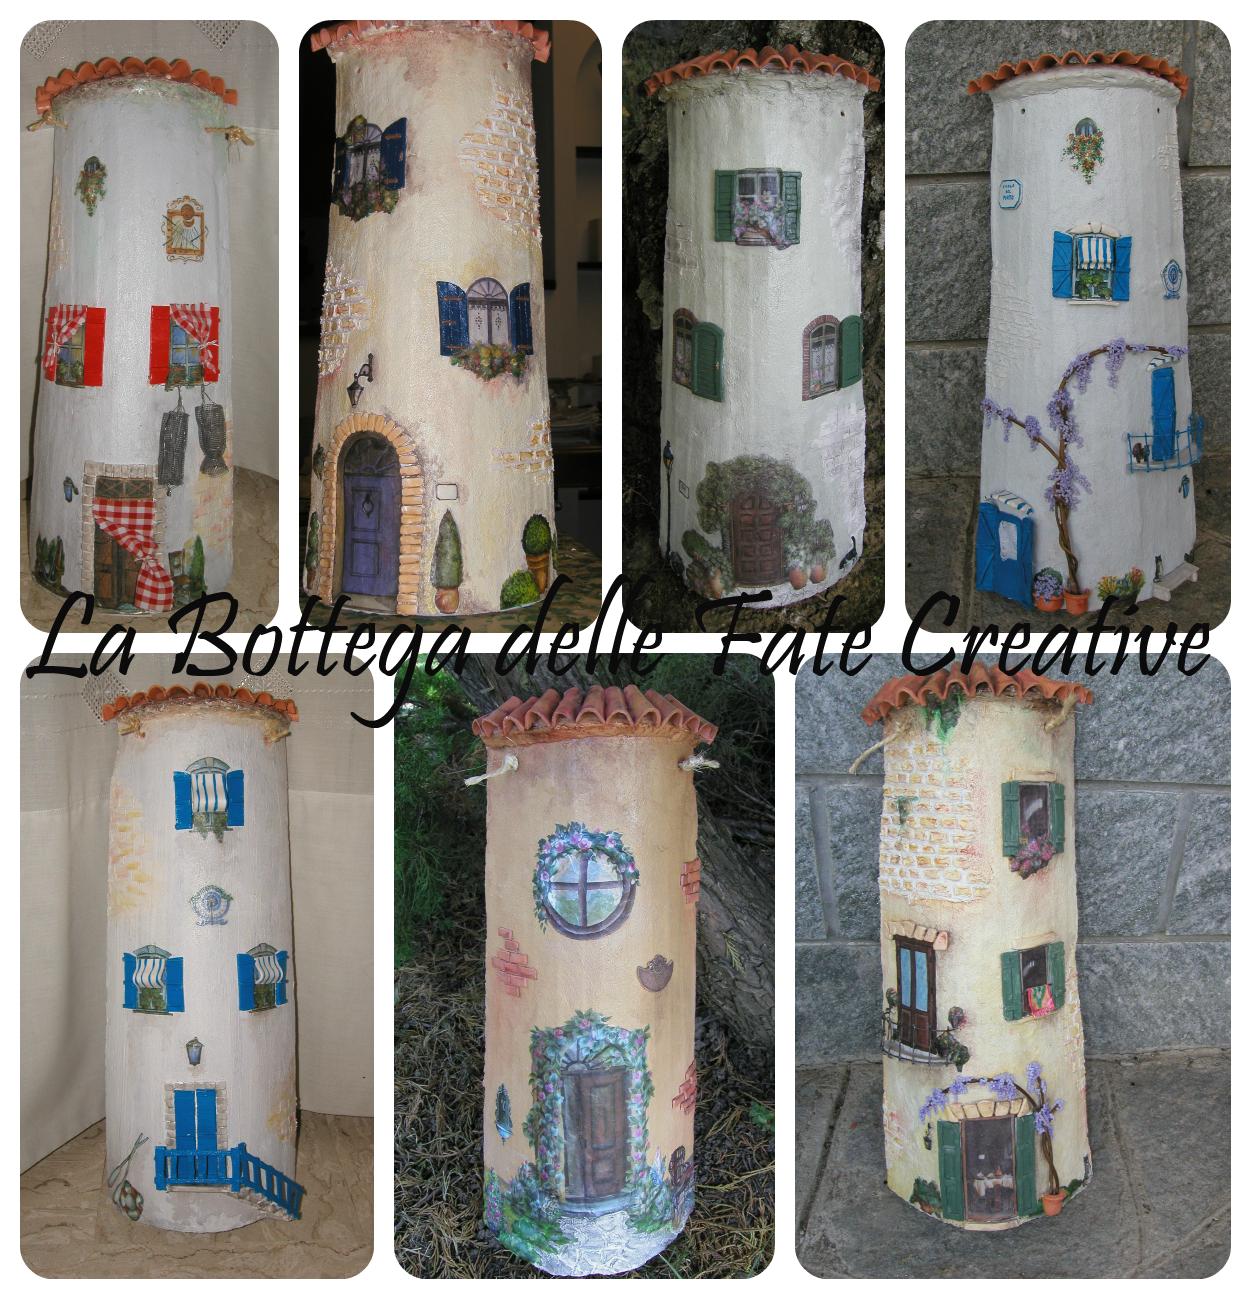 La bottega delle fate creative coppi decorati - Coppi decorati in rilievo ...